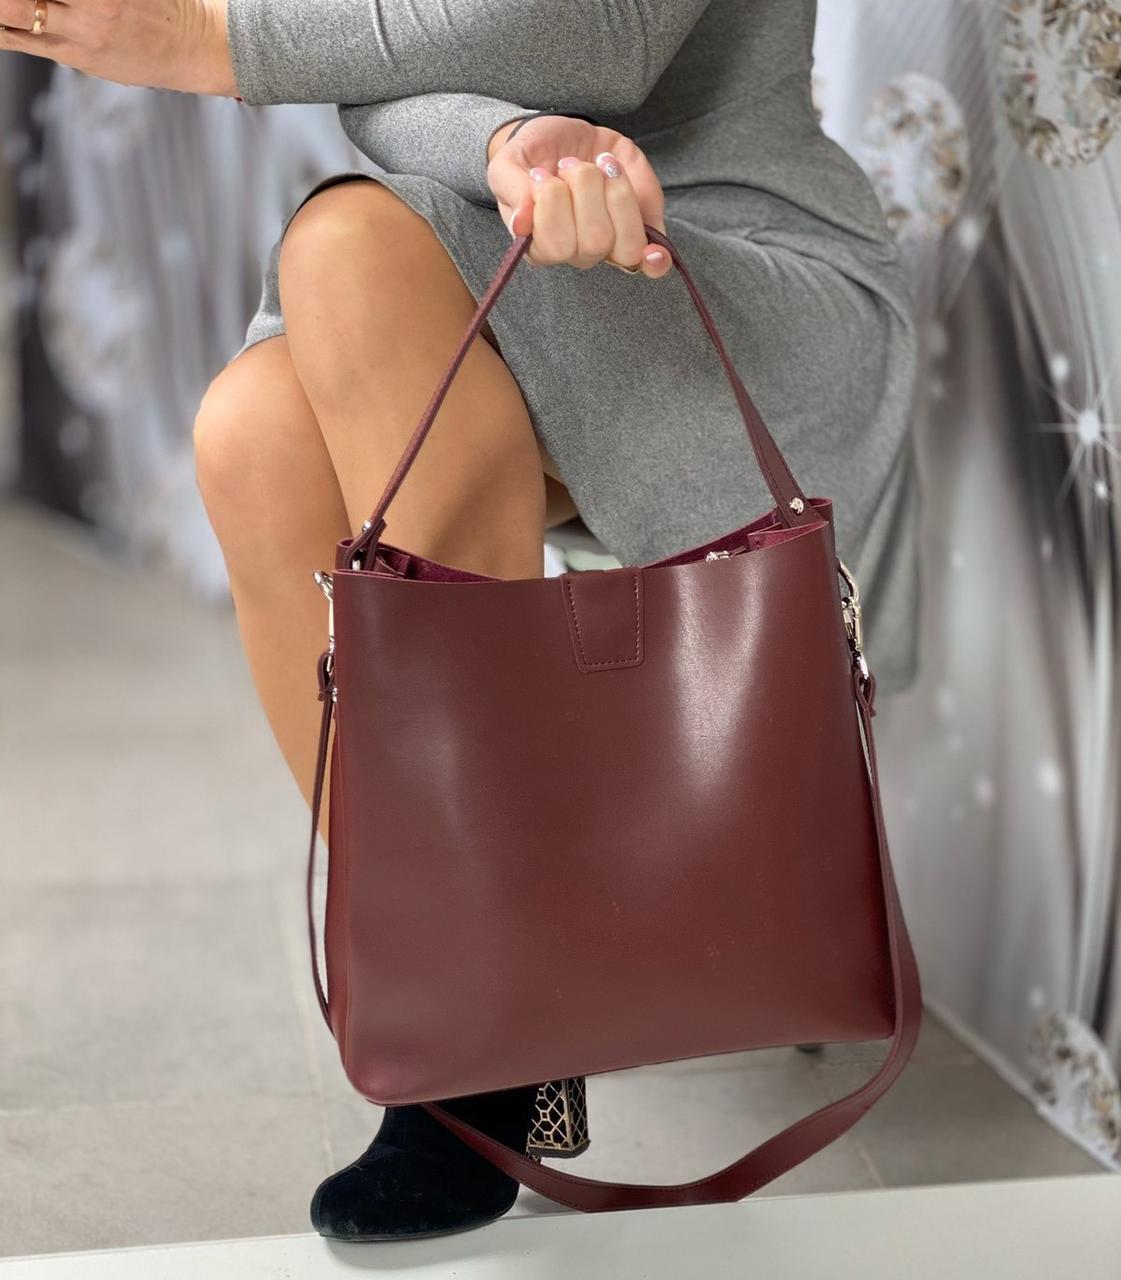 Бордовая женская сумка мешок на плечо вместительная шоппер брендовая экокожа